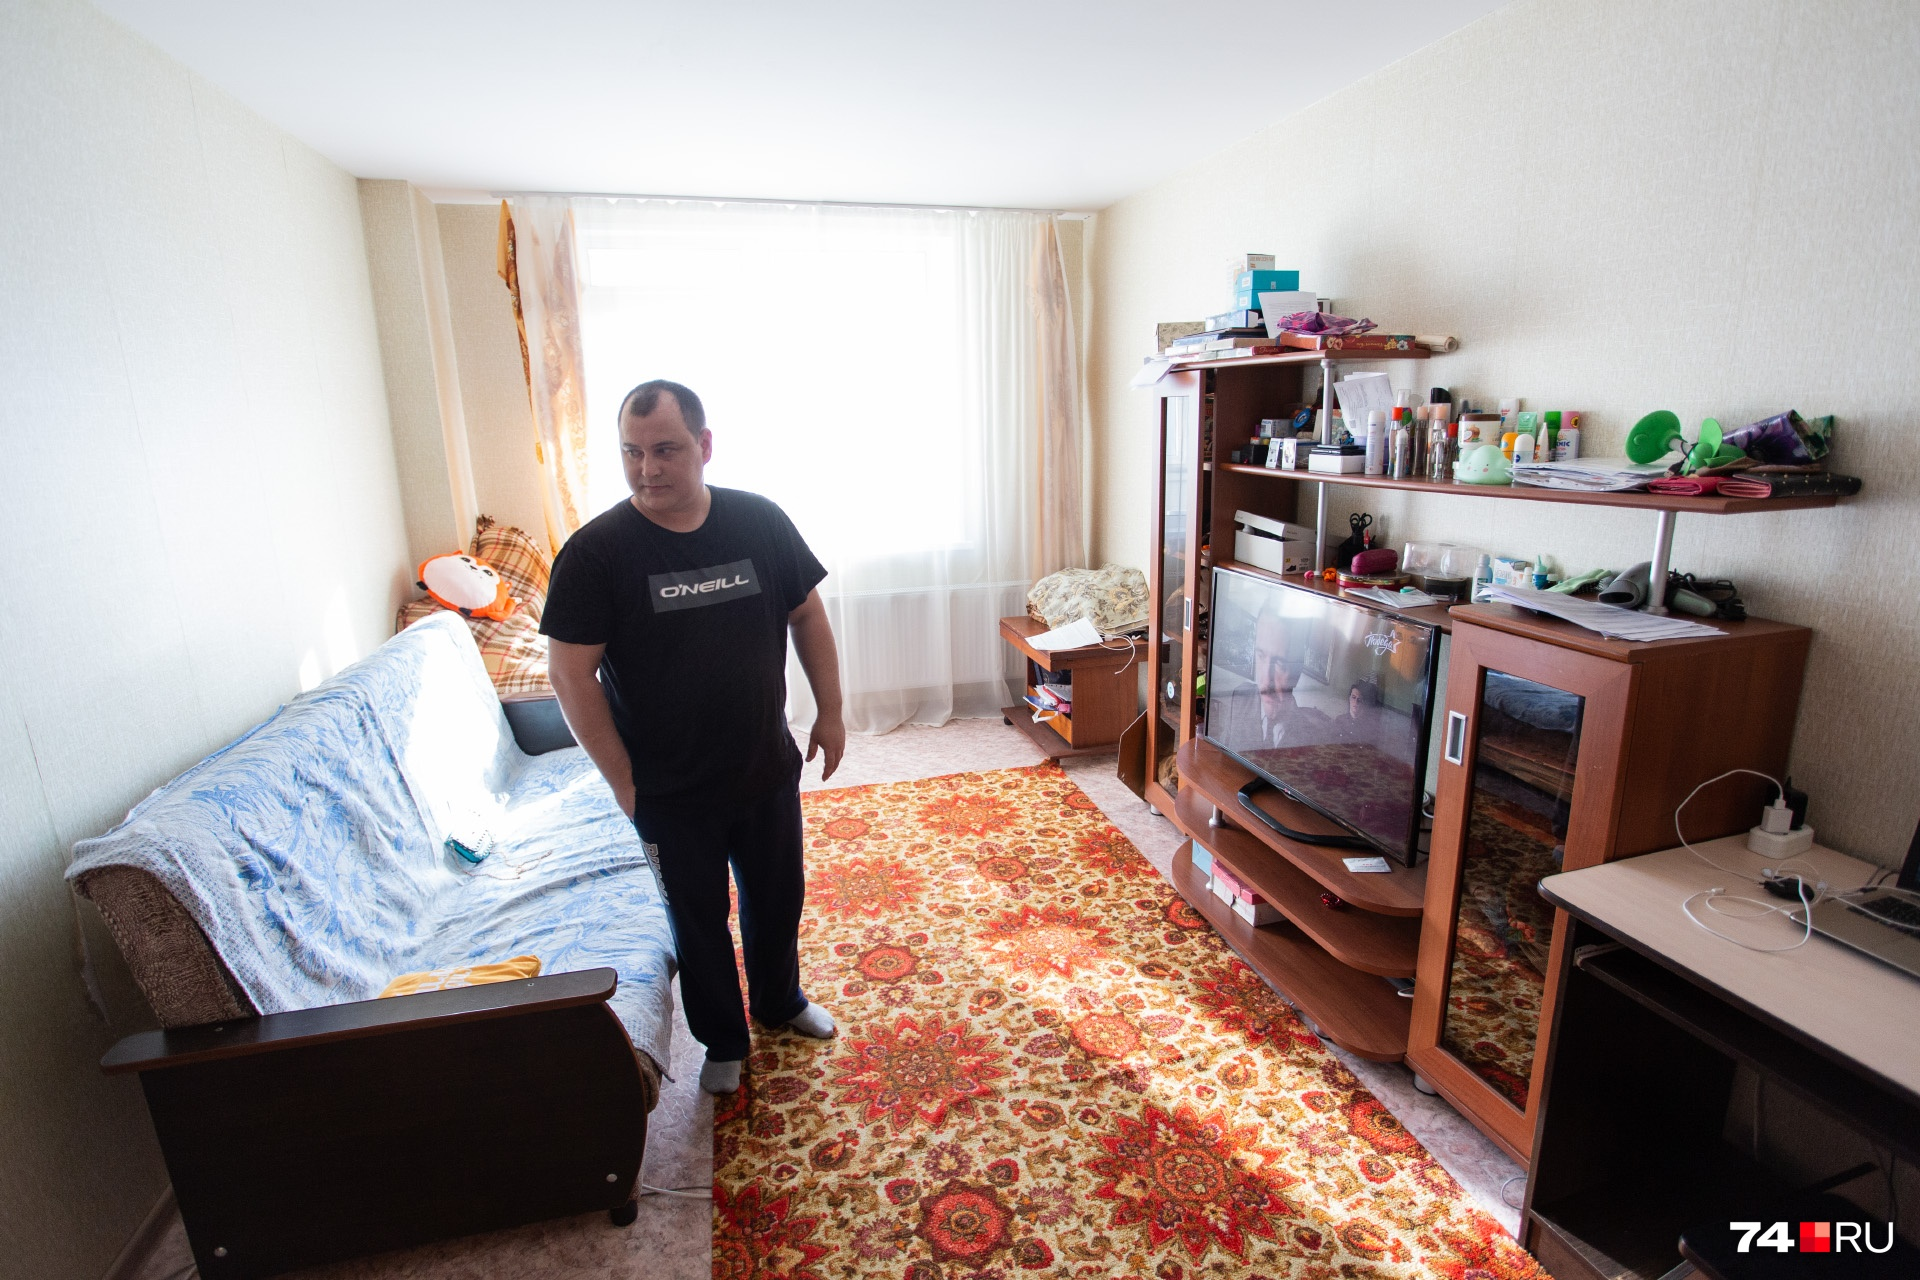 Сейчас Павел, Екатерина и их 12-летняя дочь ютятся в этой «однушке» в Чурилово. Дом находится недалеко от их долгостроя